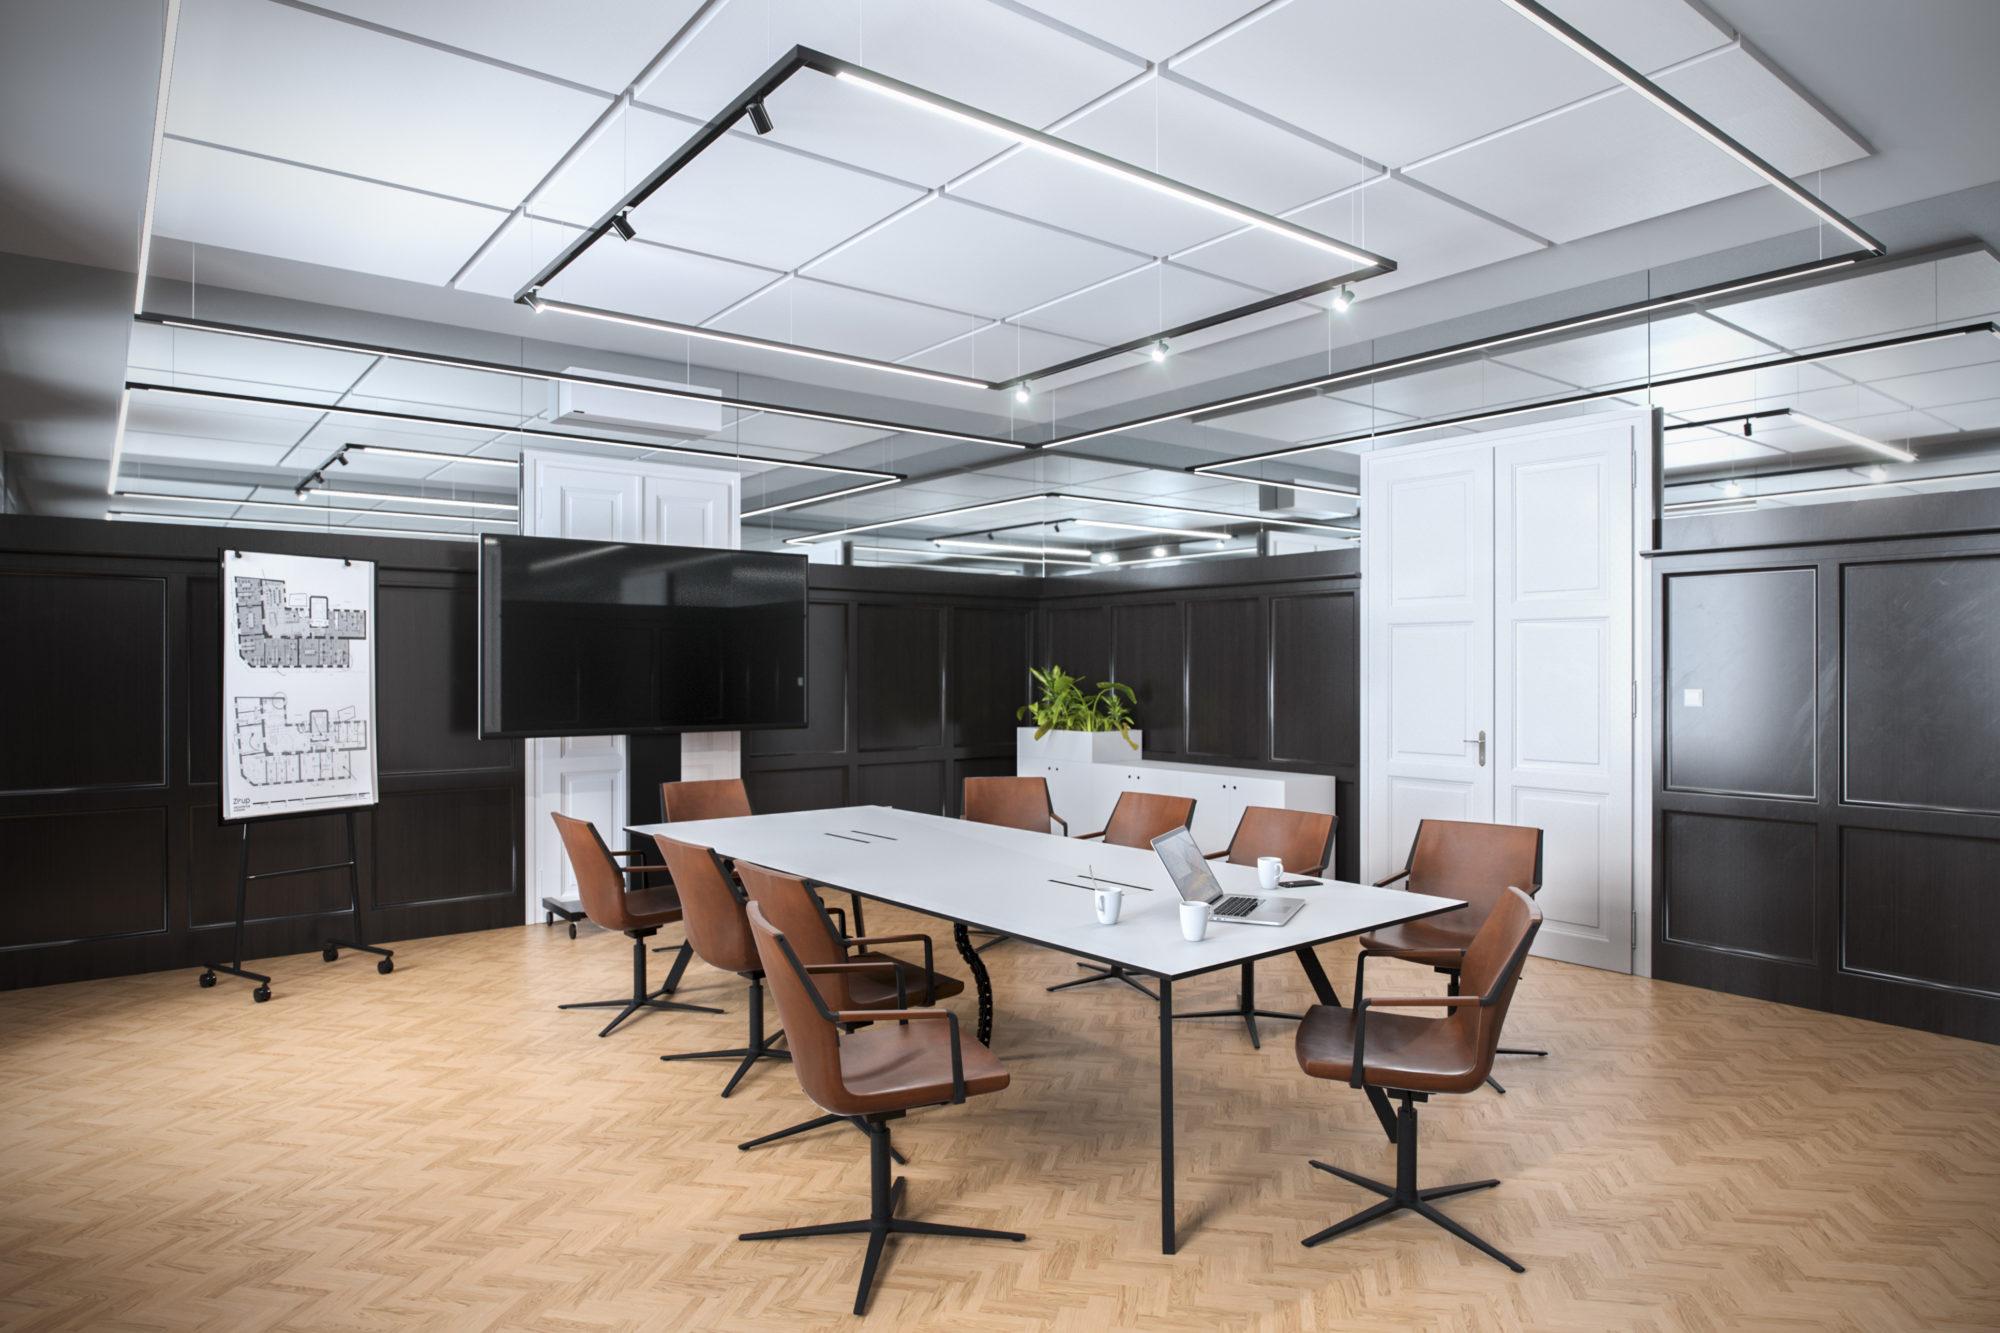 3D Rendering Eder Stefan Oberösterreich Innenraum Sessel Tisch Raum Altbau